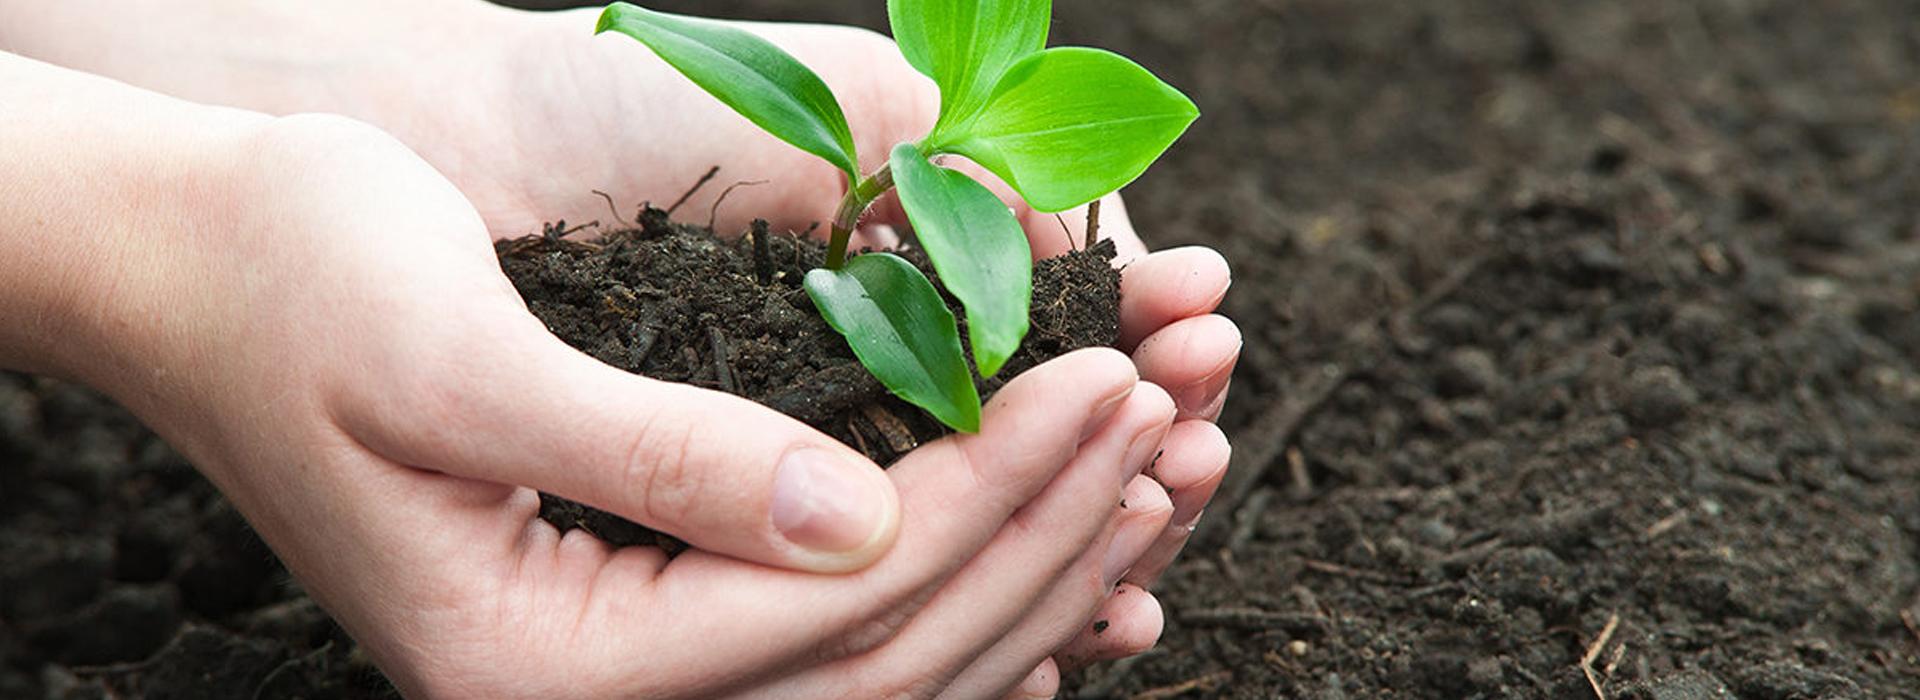 Wie vermehre ich Gemüsepflanzen und Kräuter?